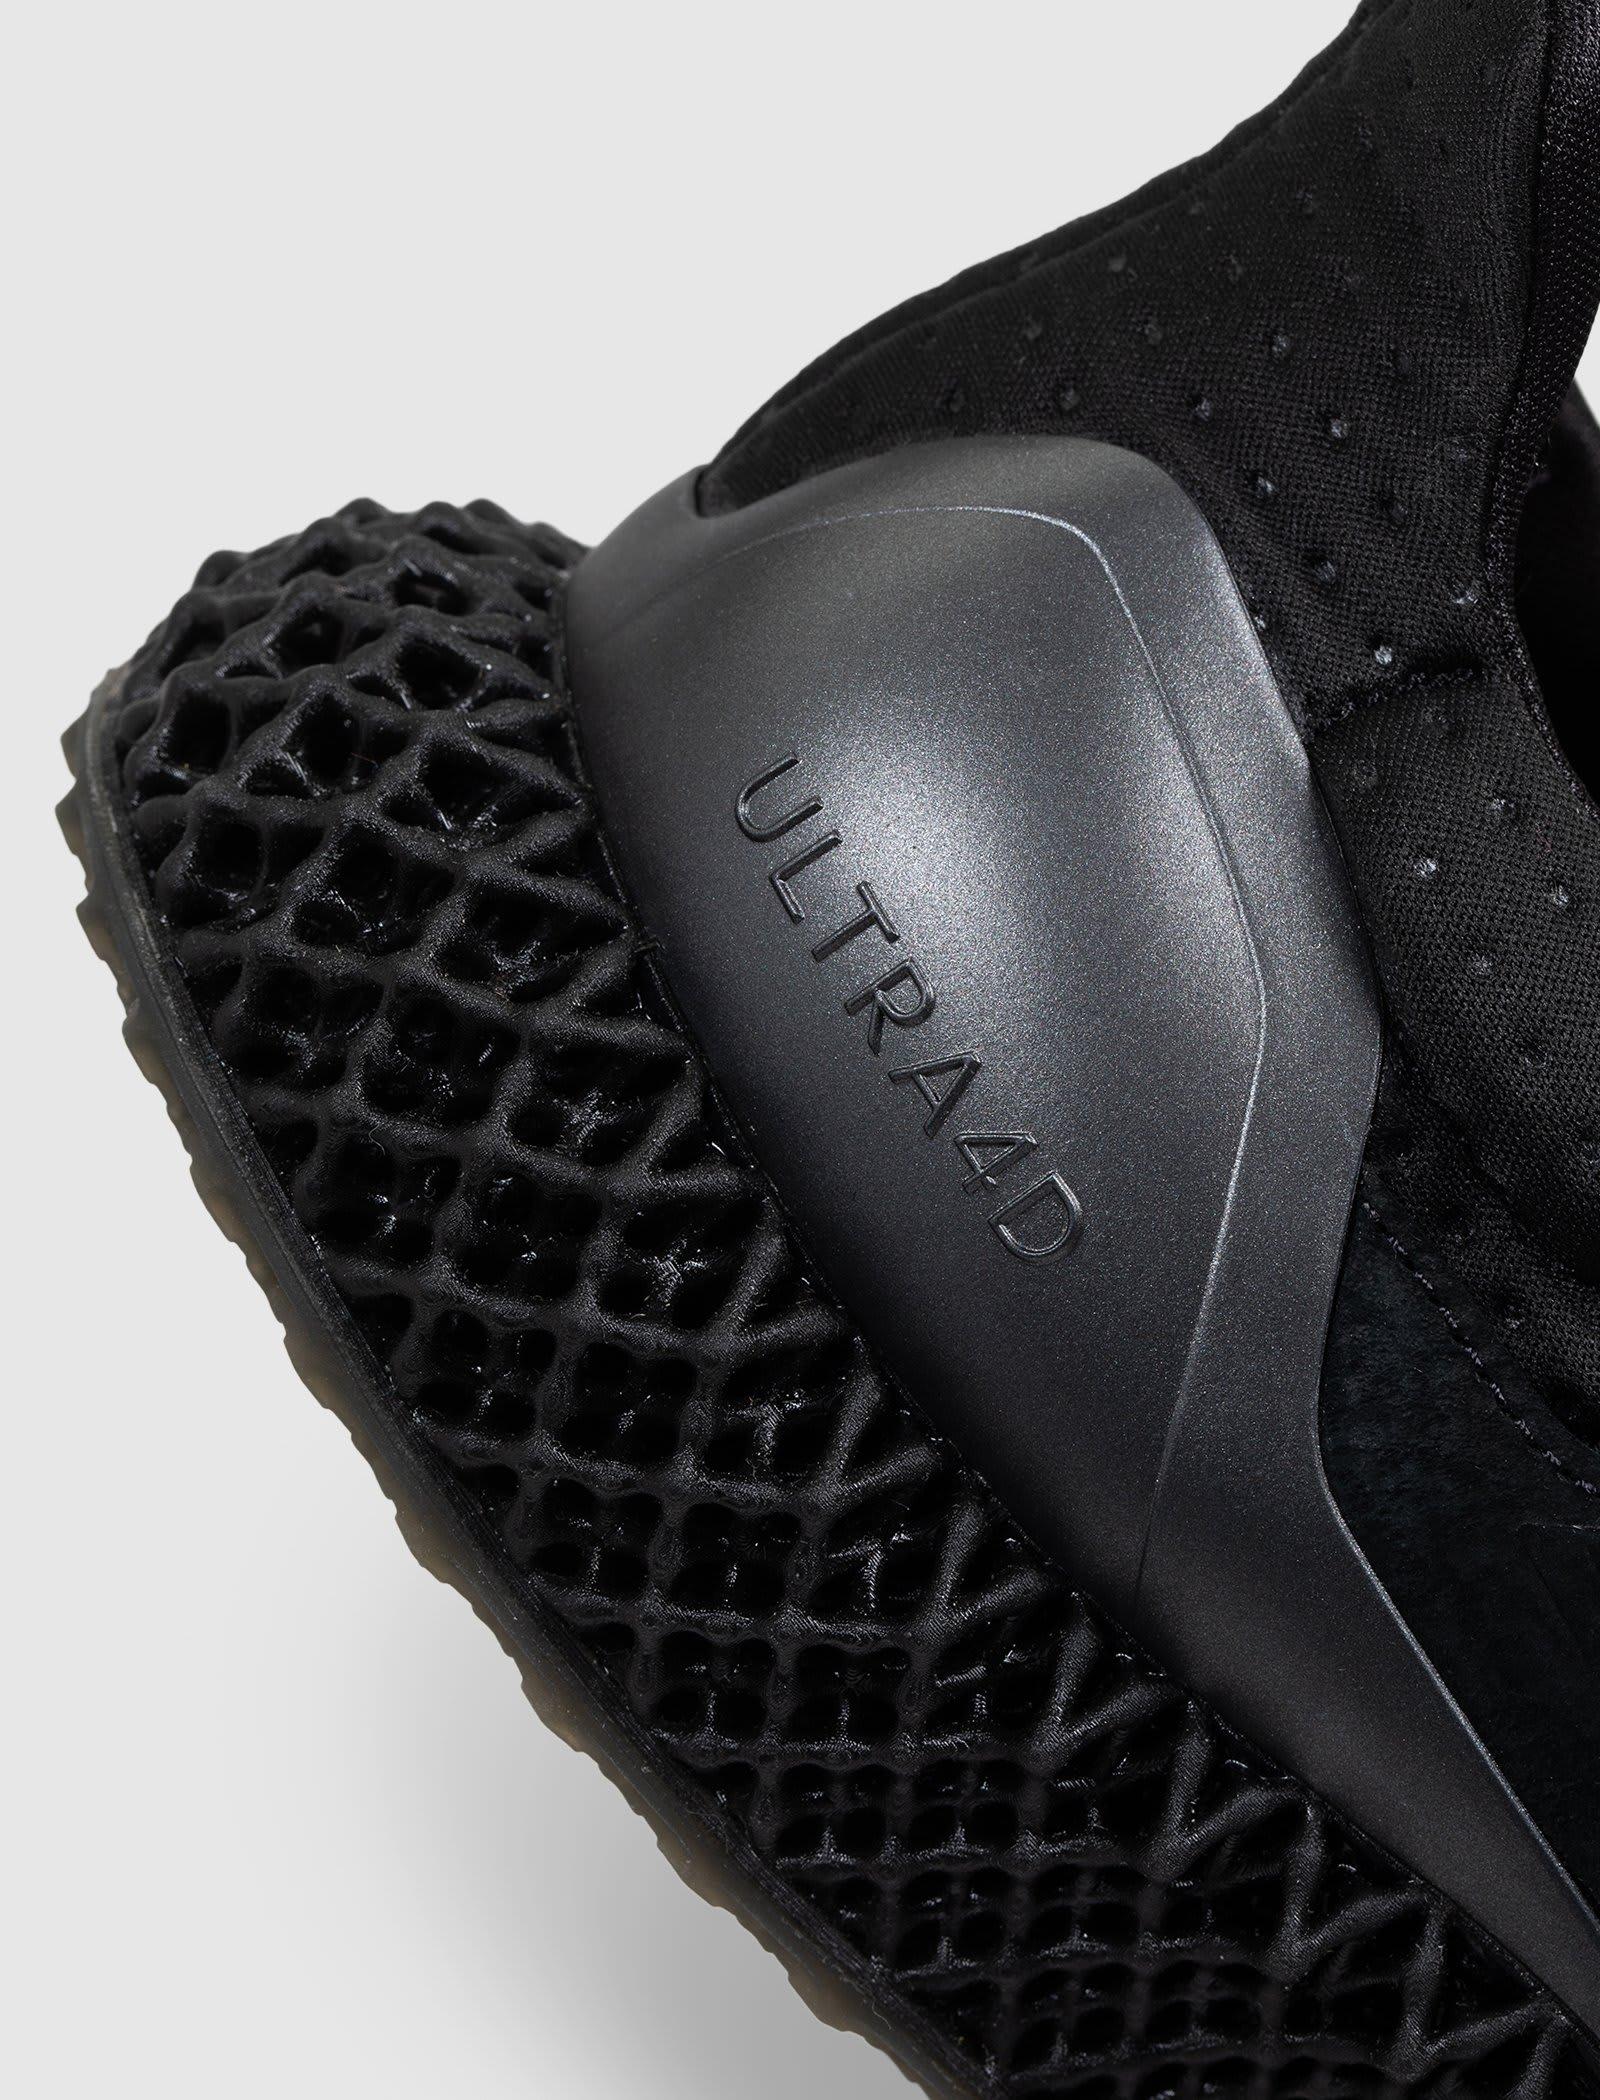 A Ma Maniere Adidas Ultra 4D G55274 Release Date Heel Detail